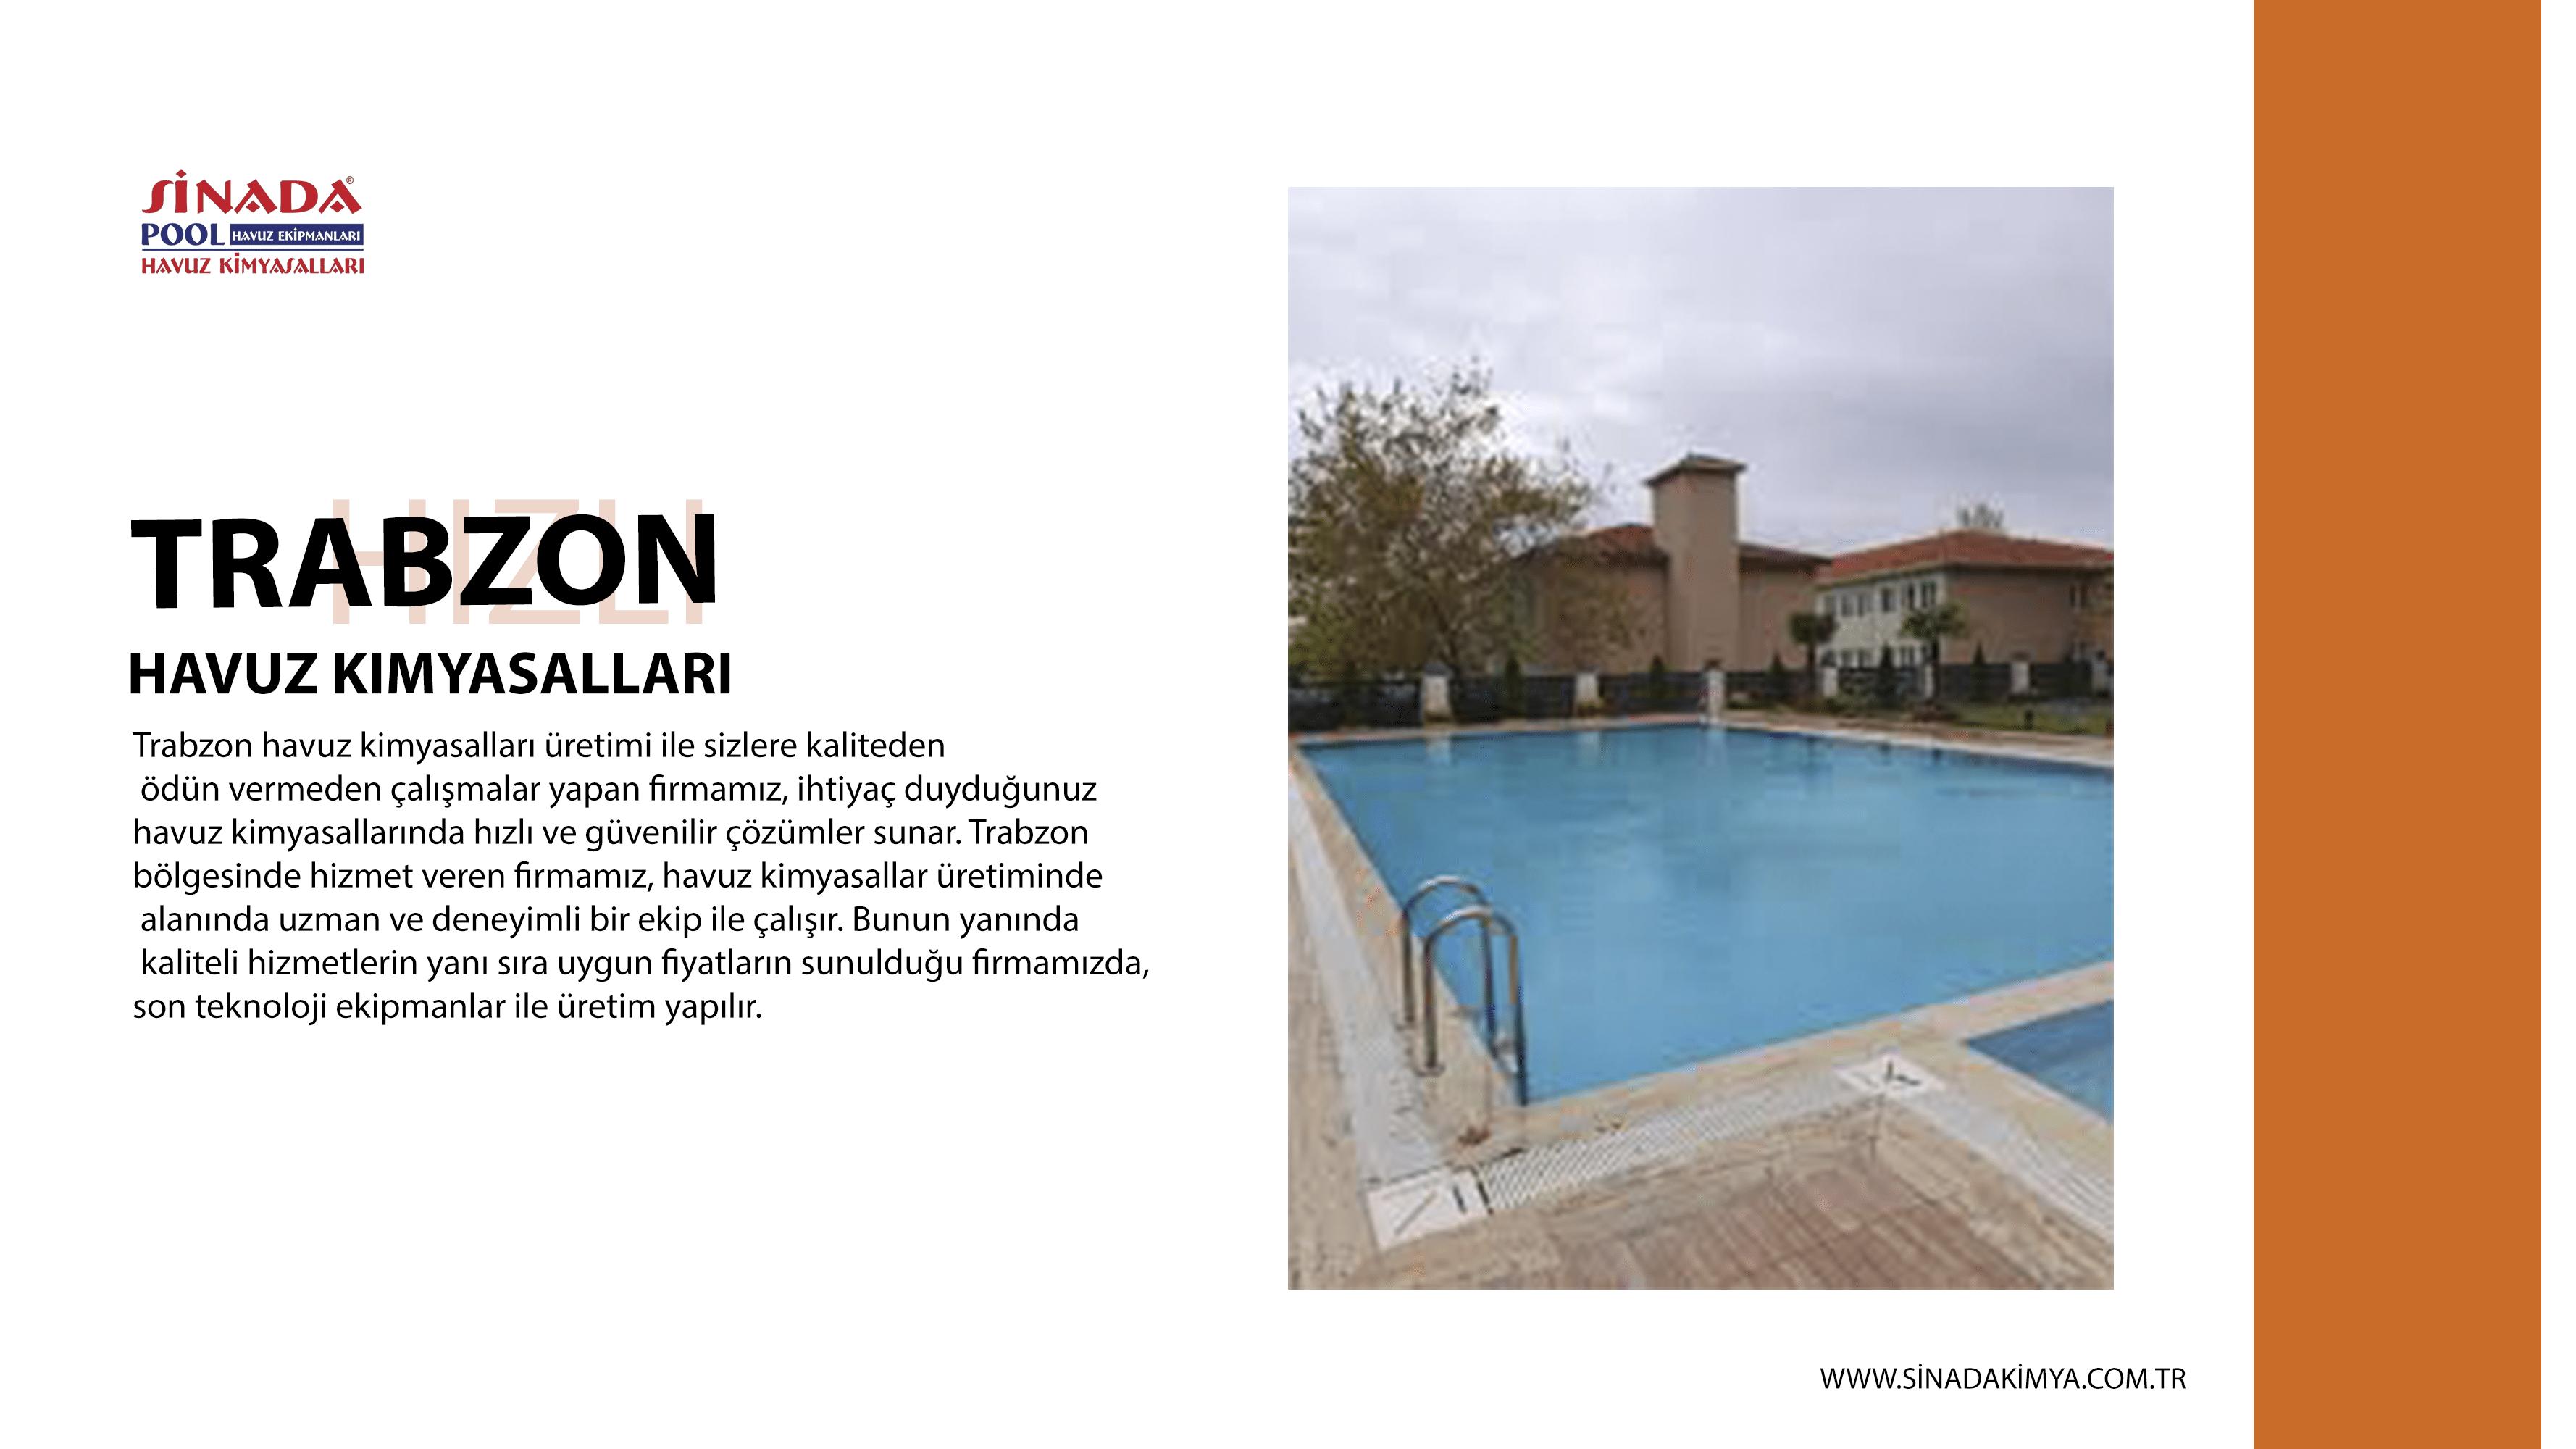 Trabzon Havuz Kimyasalları